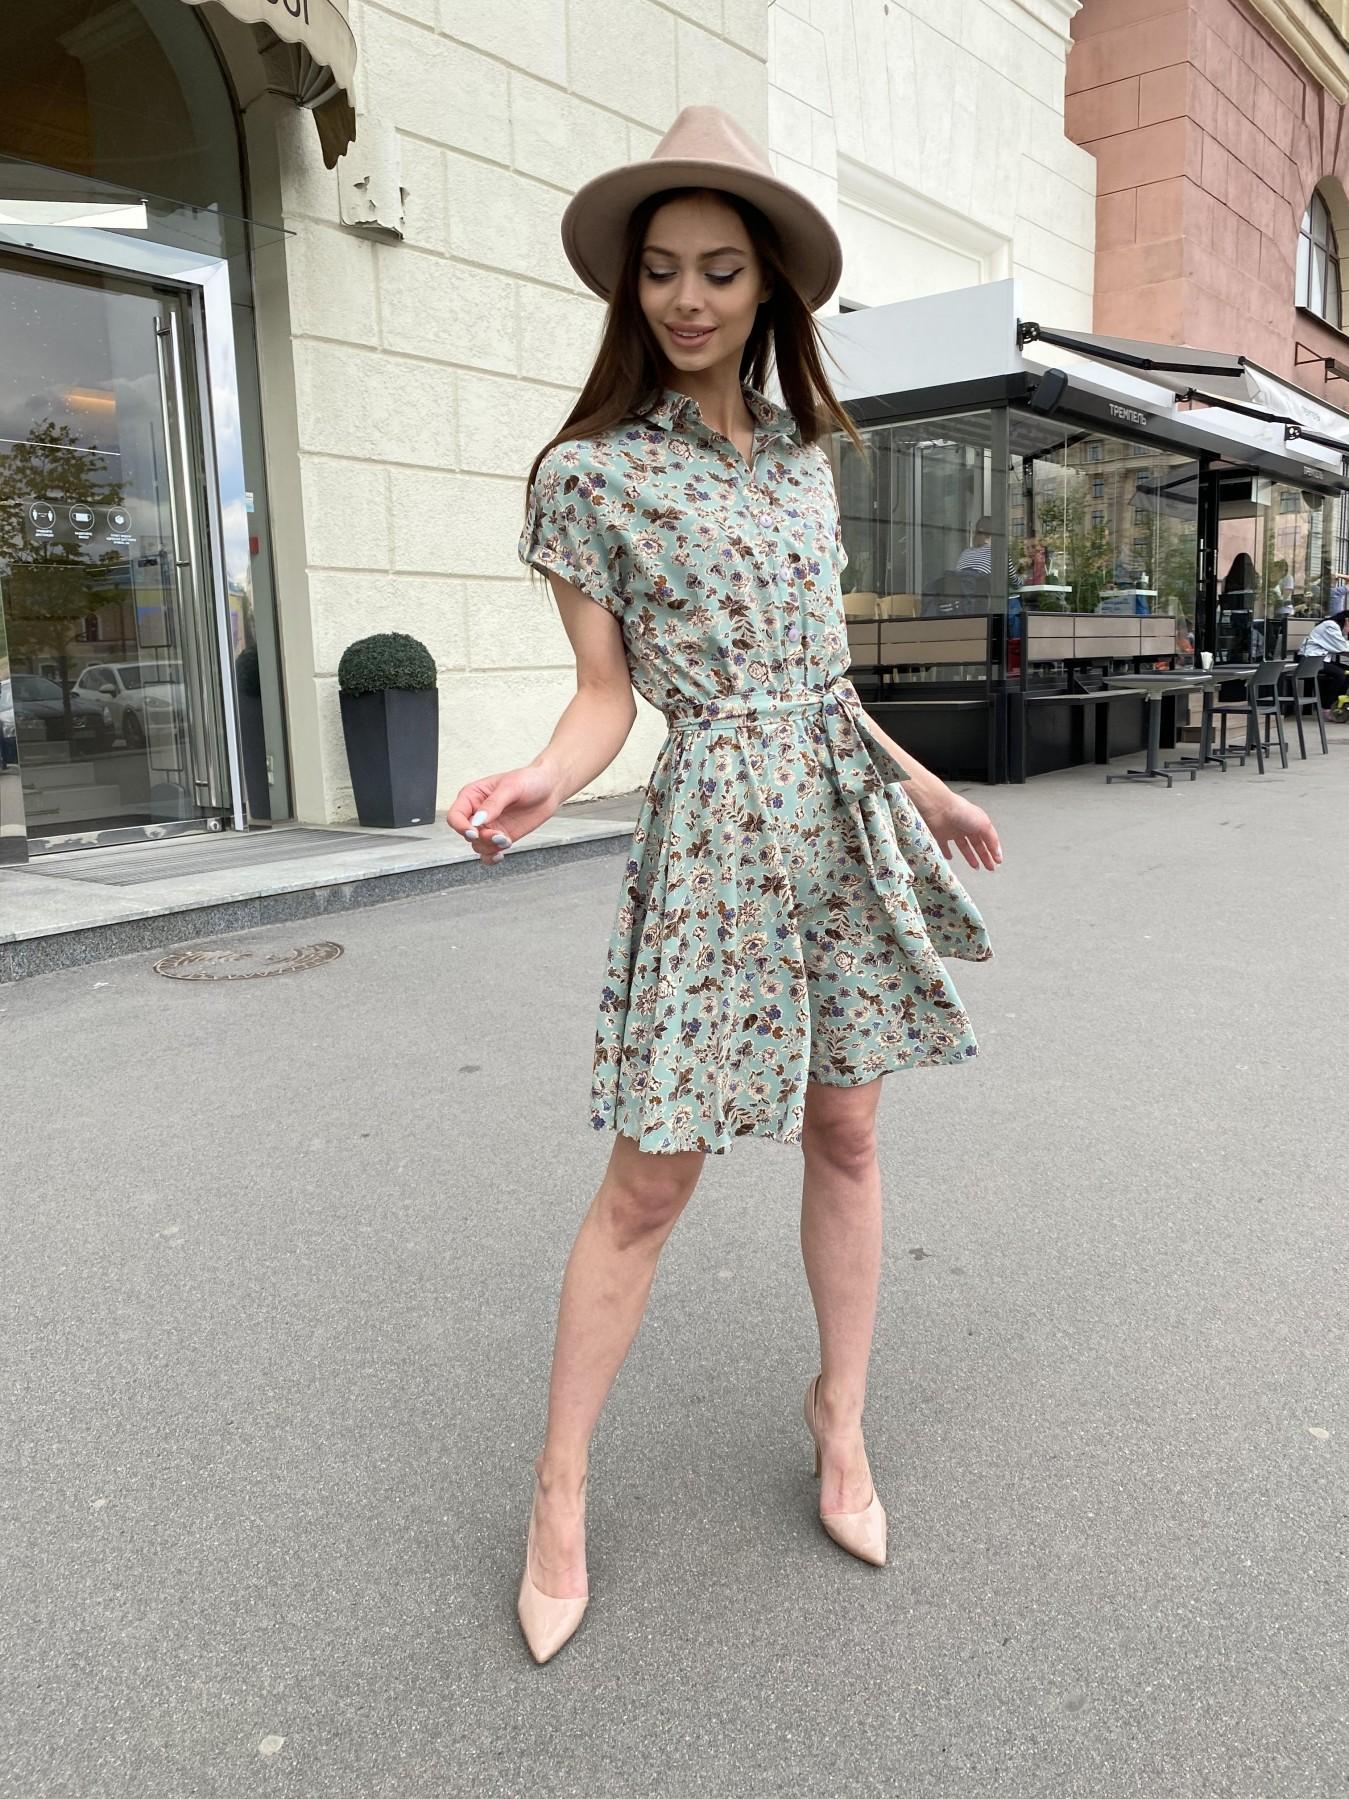 Санжар платье из ткани софт в принт 11215 АРТ. 47727 Цвет: Олива/бежевый, Цветы - фото 7, интернет магазин tm-modus.ru